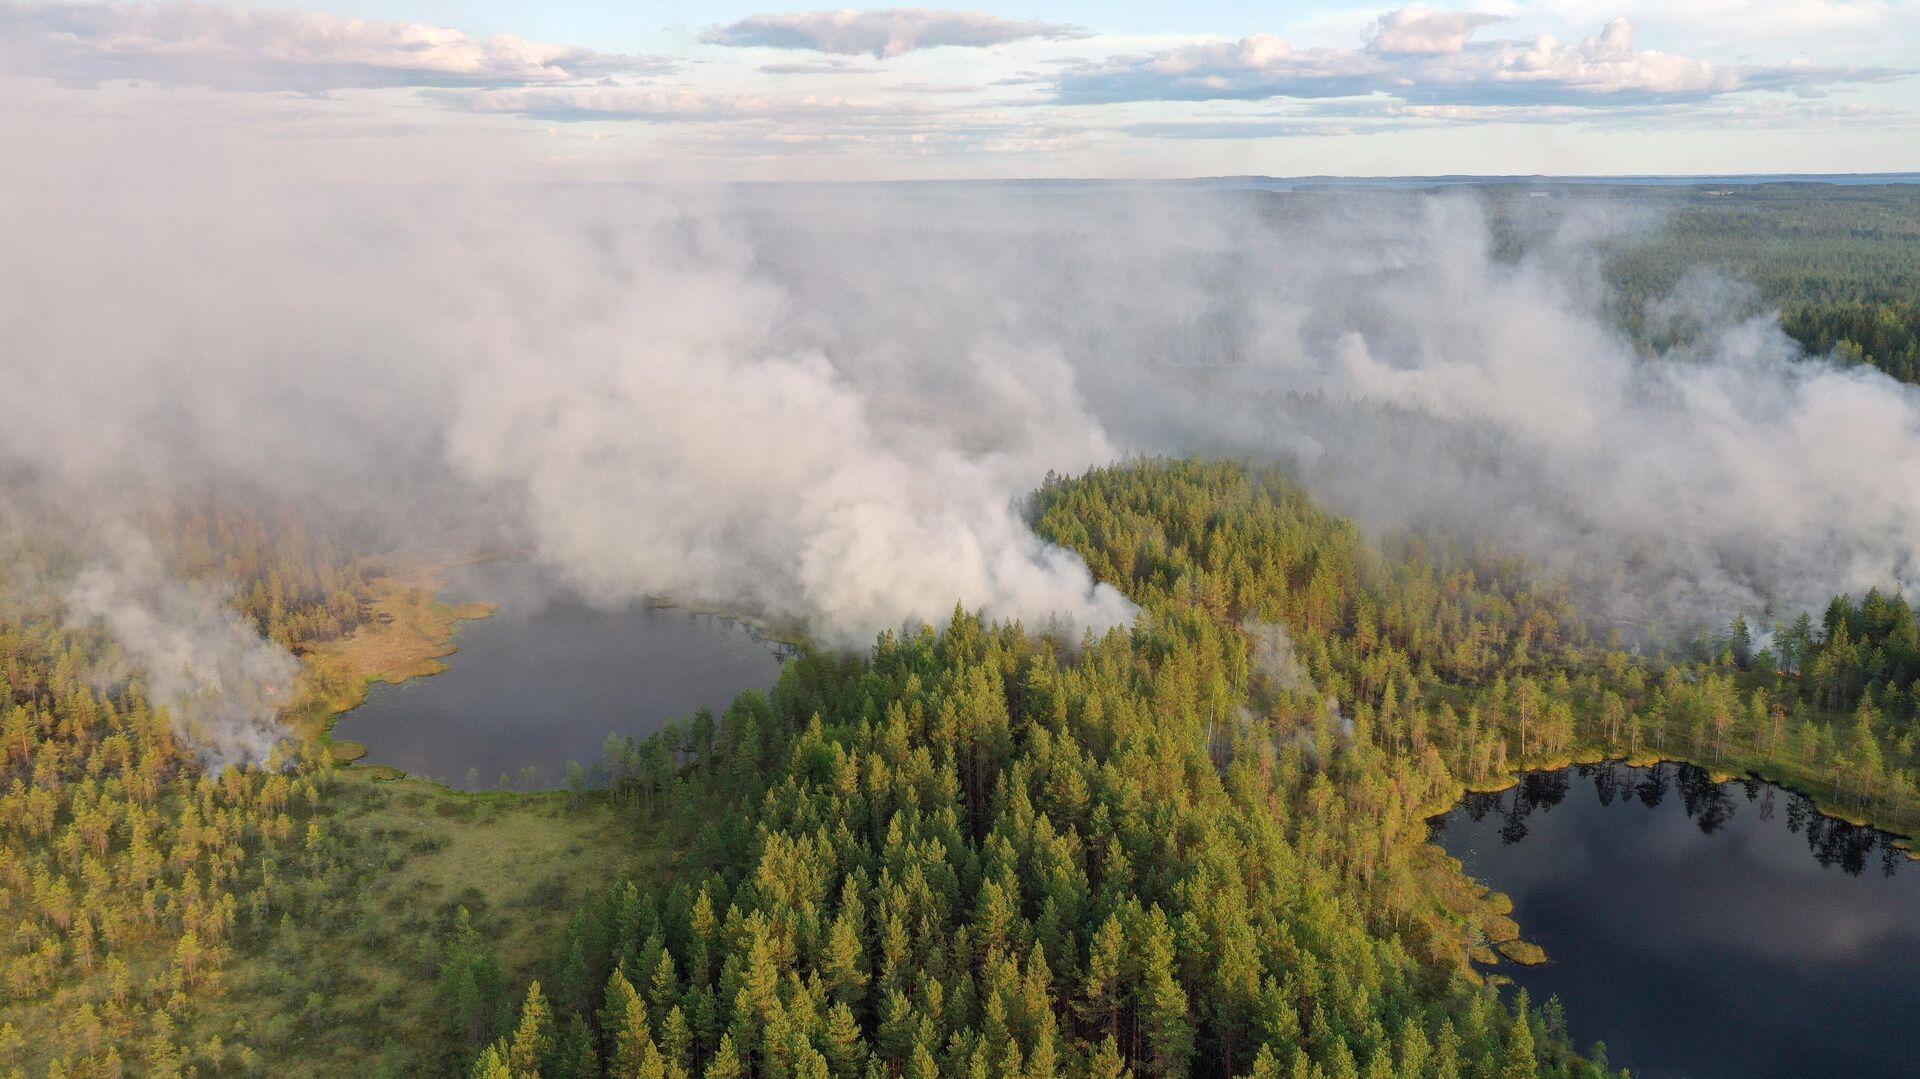 Горящие леса в районе Сямозера в Пряжинском районе Карелии - РИА Новости, 1920, 30.07.2021